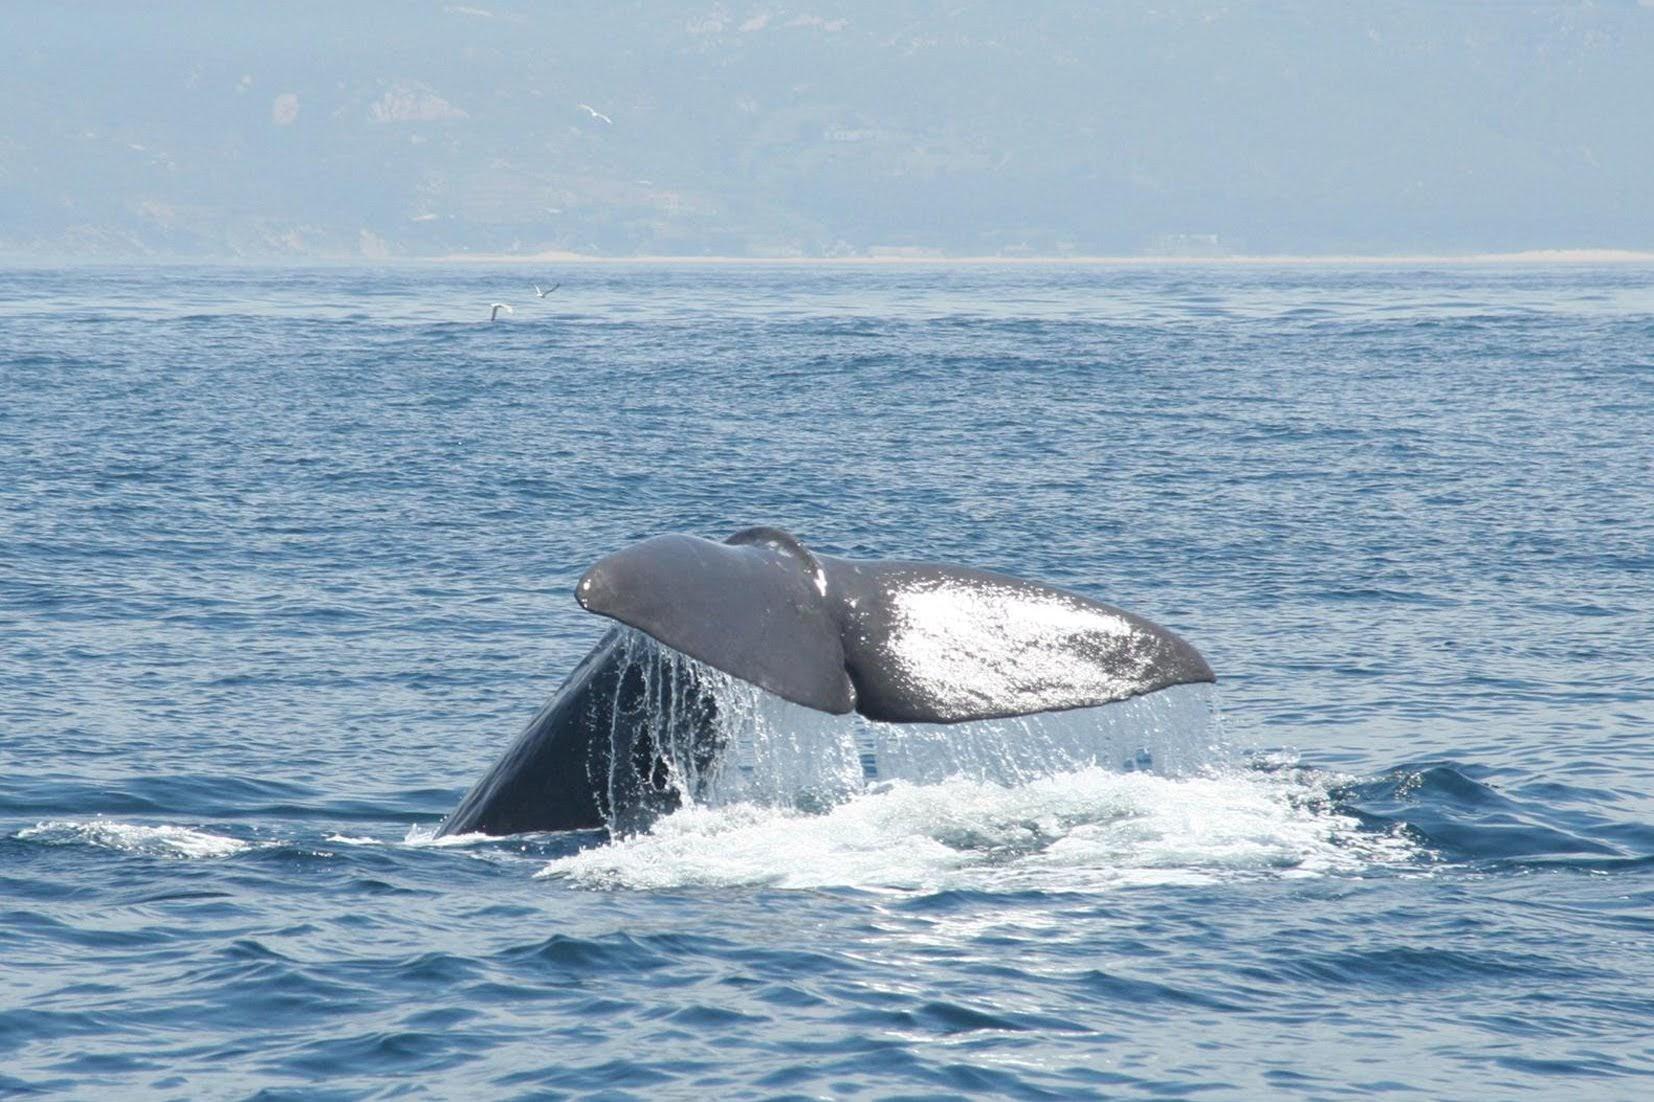 El puente de Andalucía trae el arranque de la temporada de ballenas y delfines a Tarifa